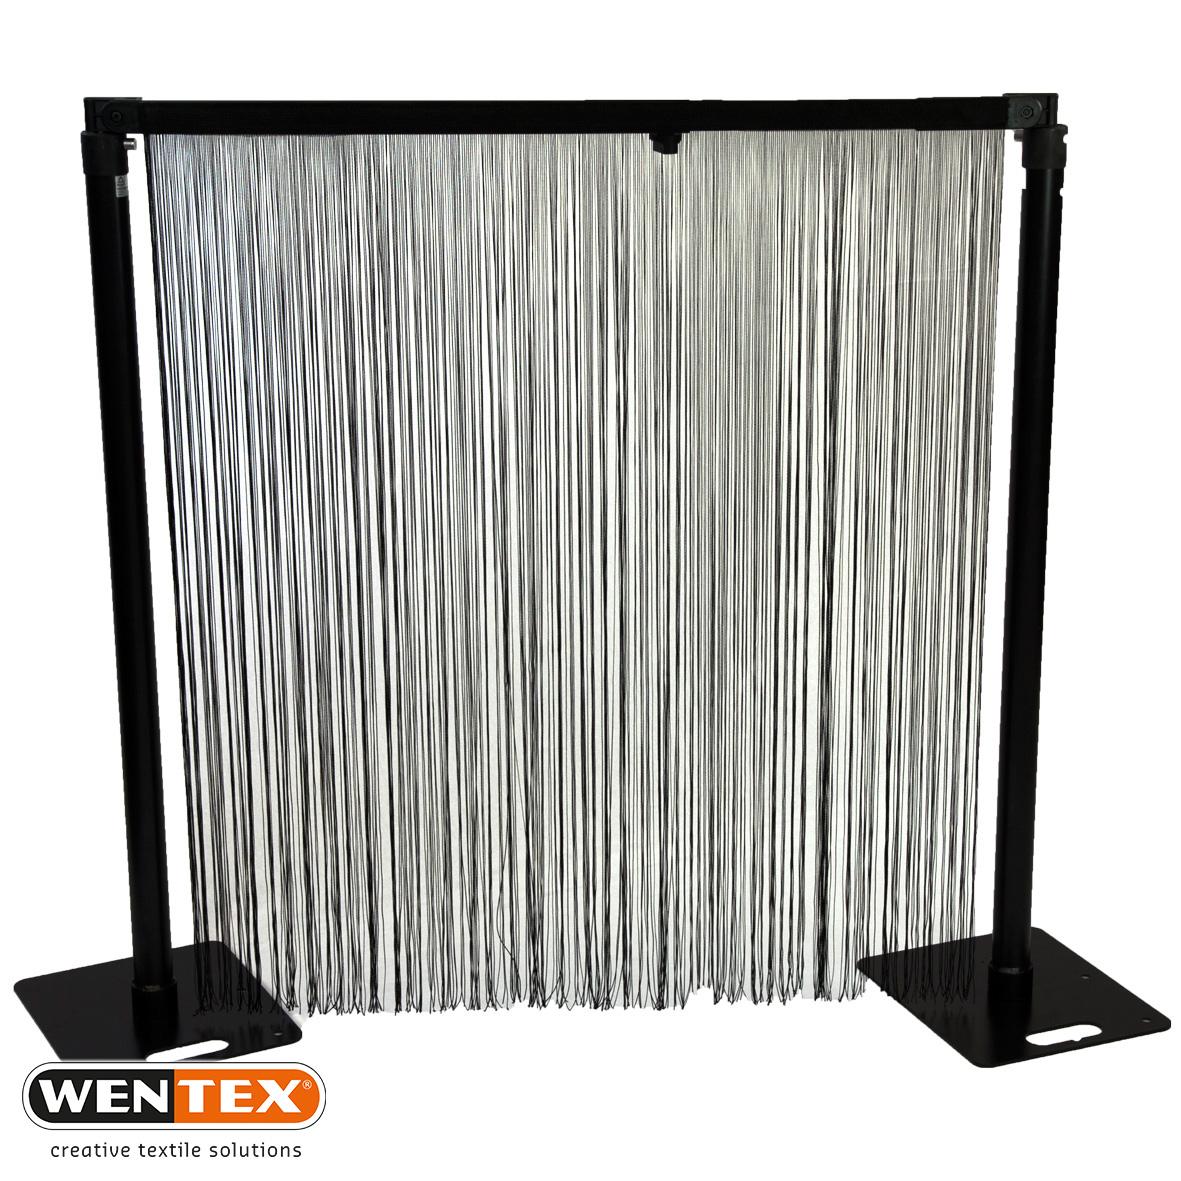 P&D Spaghetti Curtain black